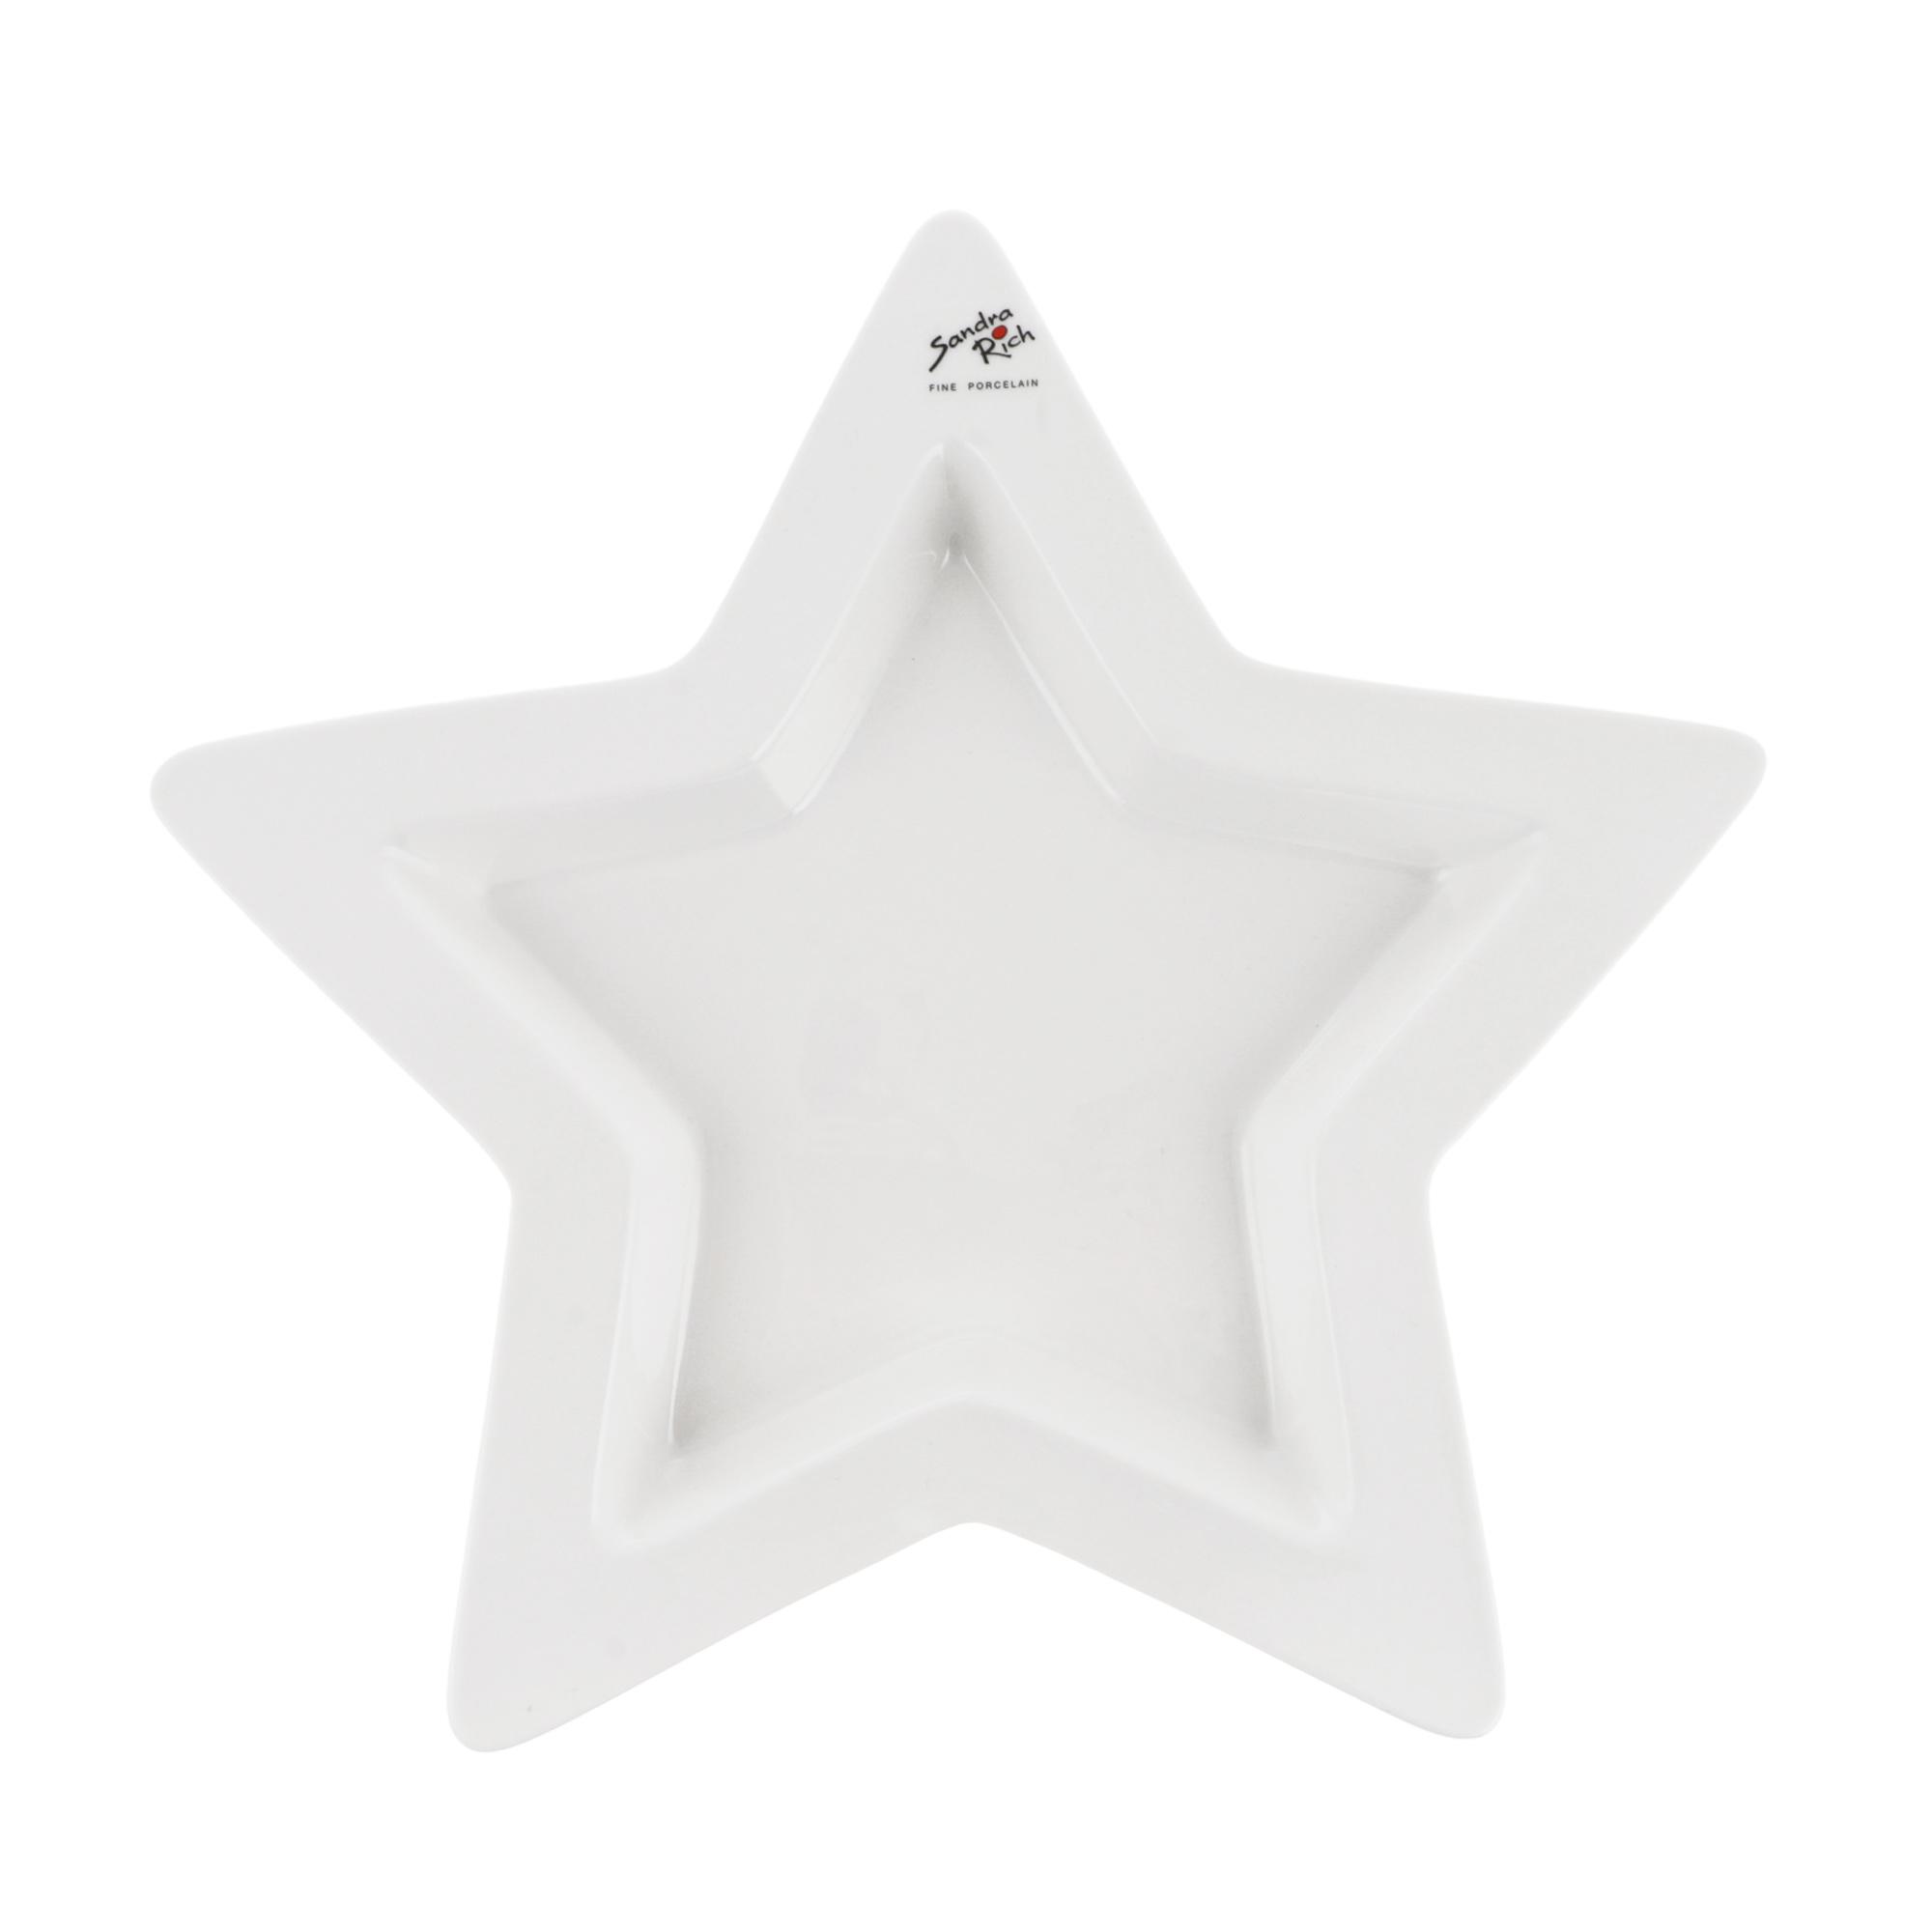 Блюдо Sandra rich star д33см 3.5см блюдо sandra rich star 20x19х4 см